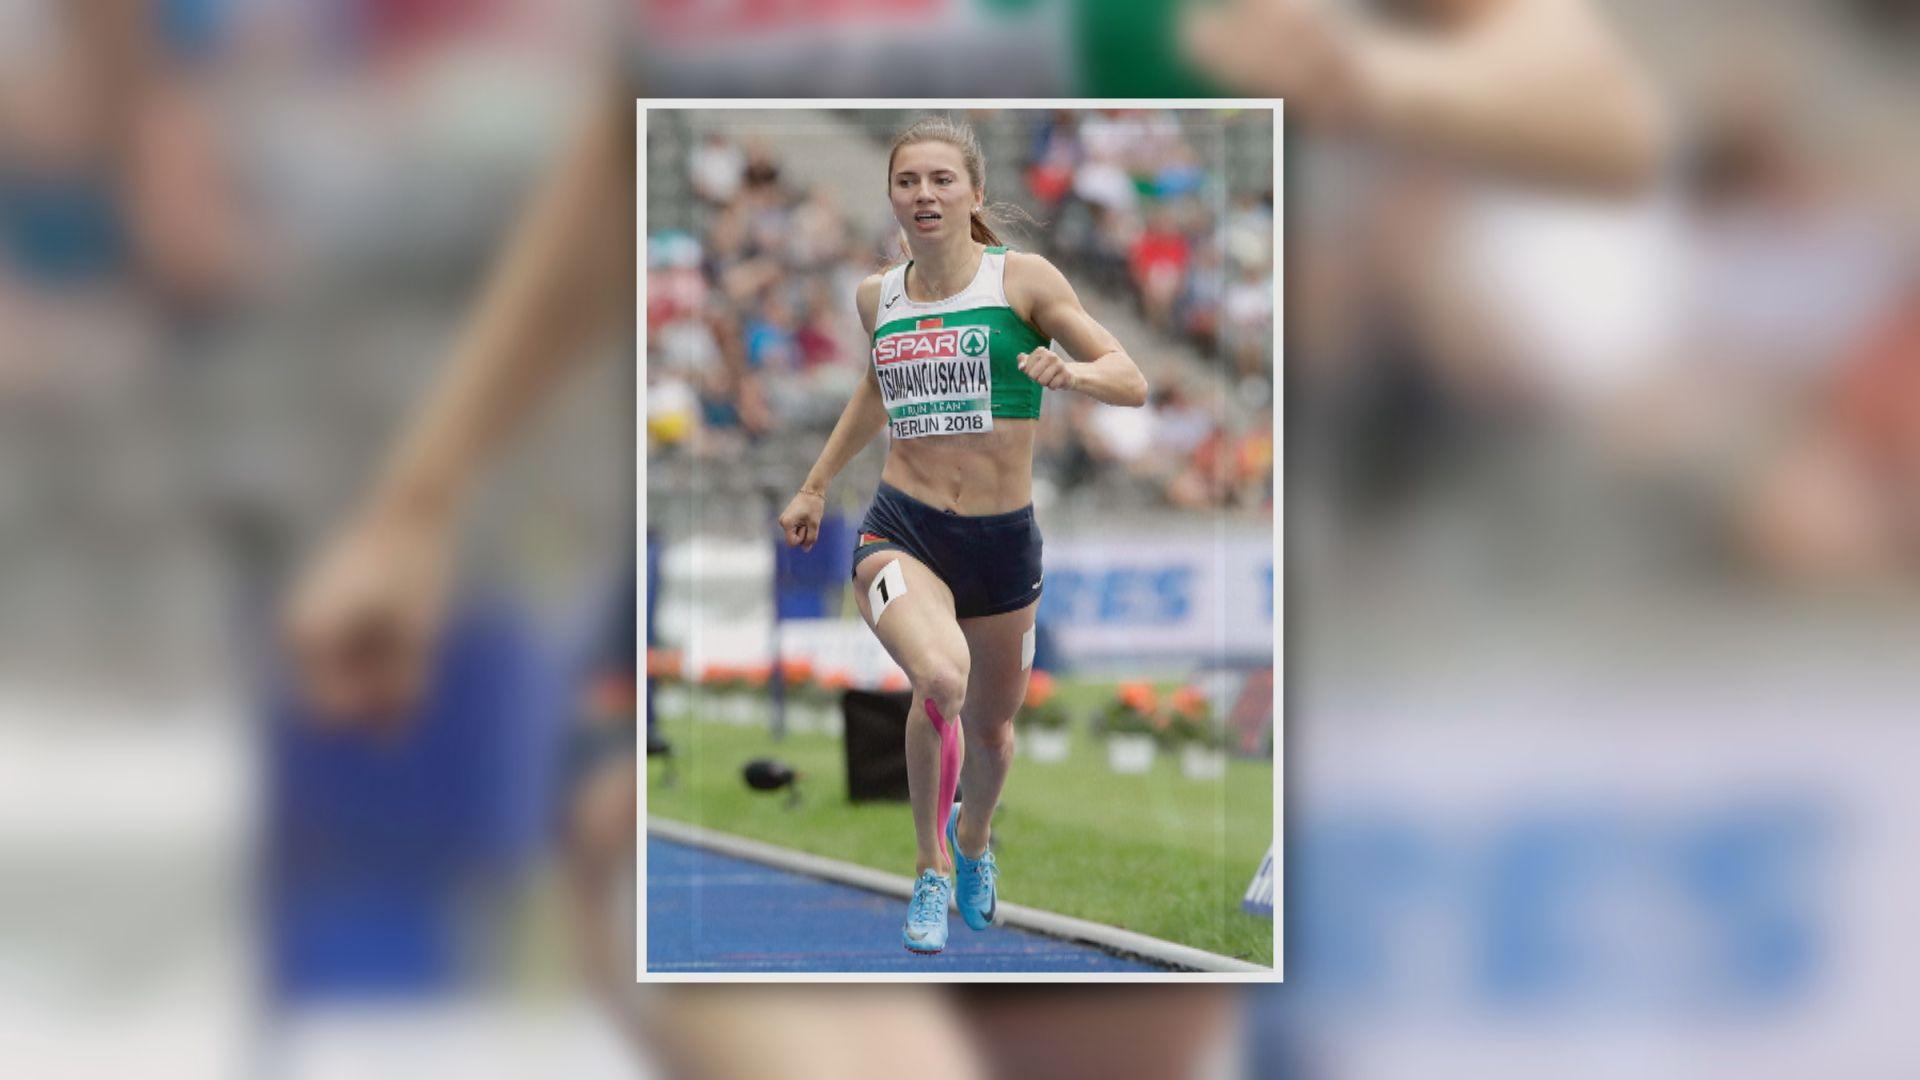 白俄女跑手拒離開日本返國 據報擬向第三國尋求庇護